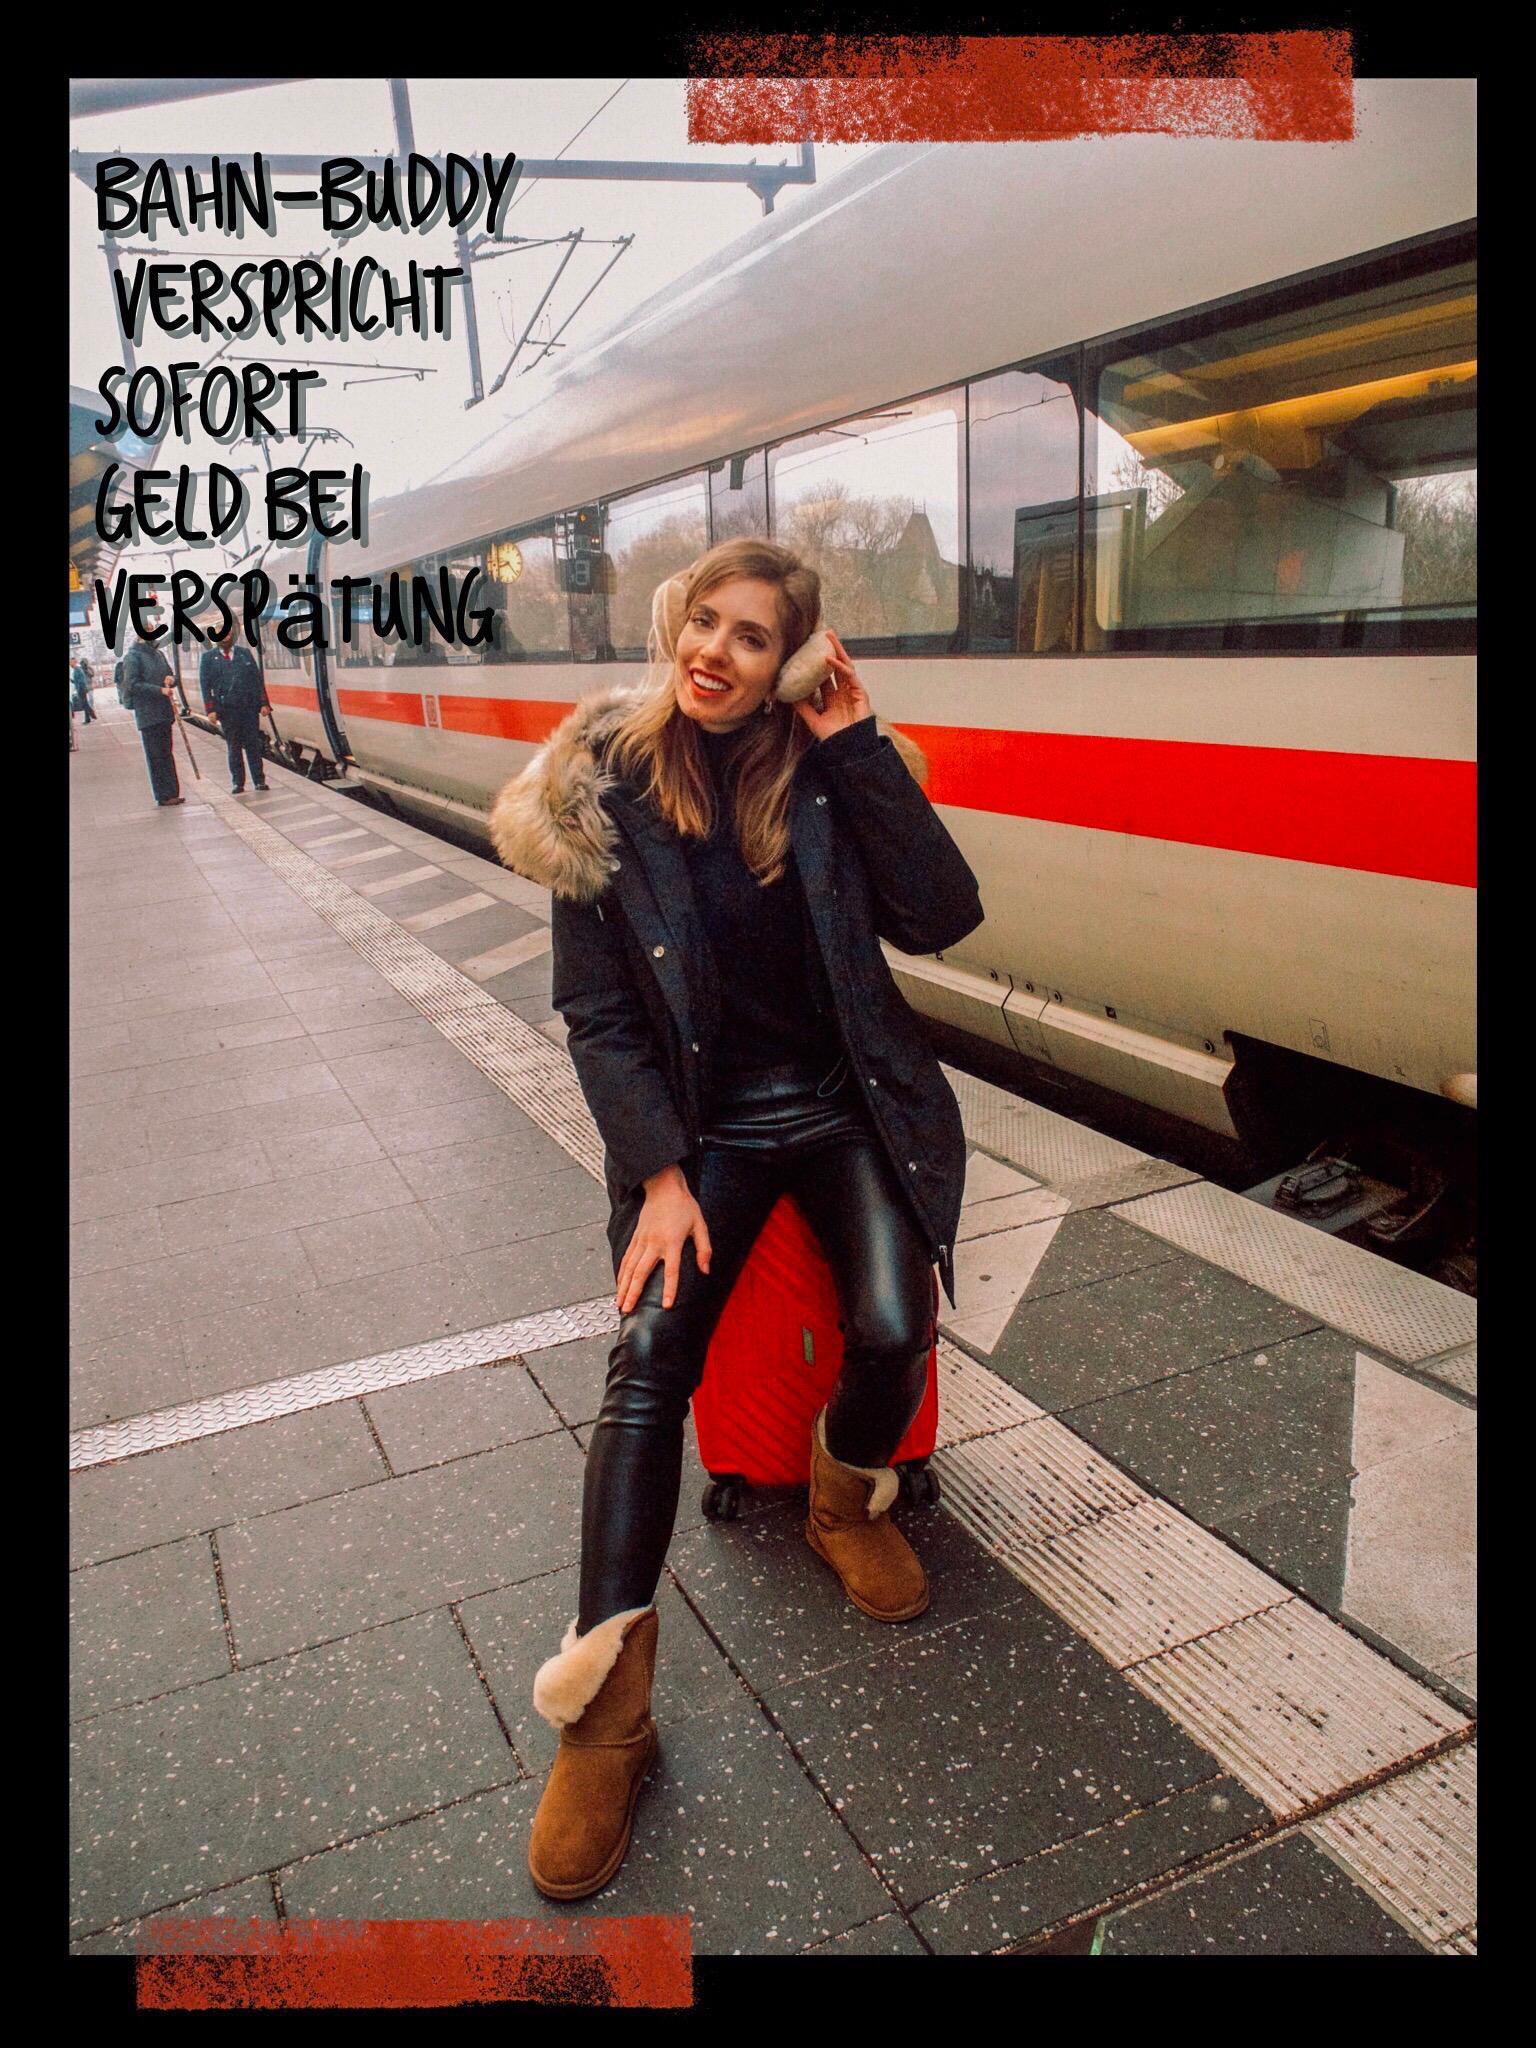 Sofort-Entschädigung bei Bahn-Verspätung